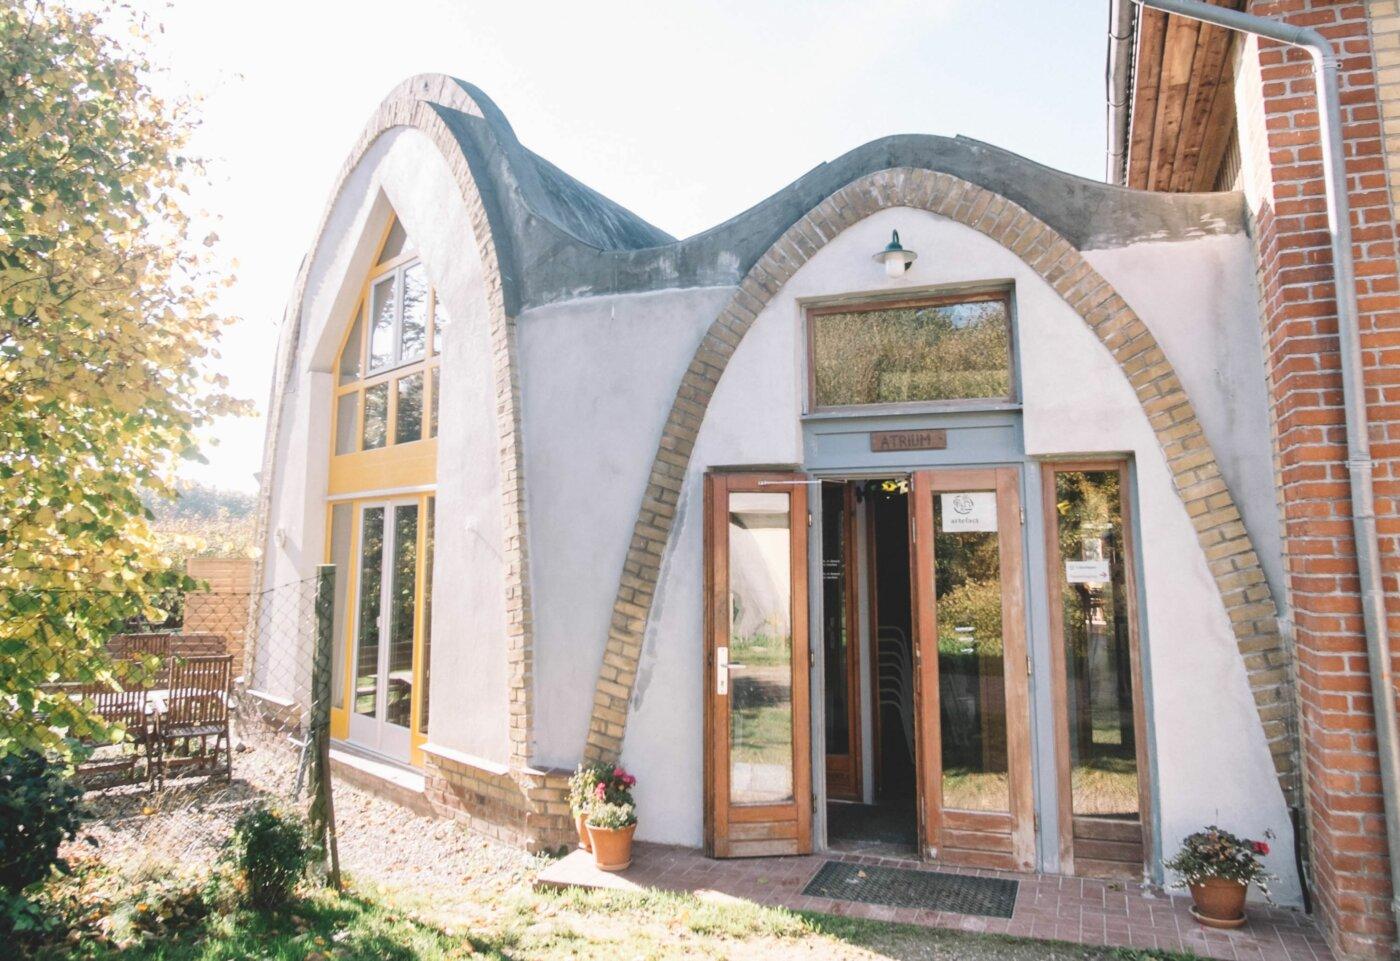 Die Bildungsstätte bietet ein Tagungshaus und ein Gästehaus, beides zu 80 Prozent aus lokalem Material gebaut. Foto: © Karsten Bahnsen